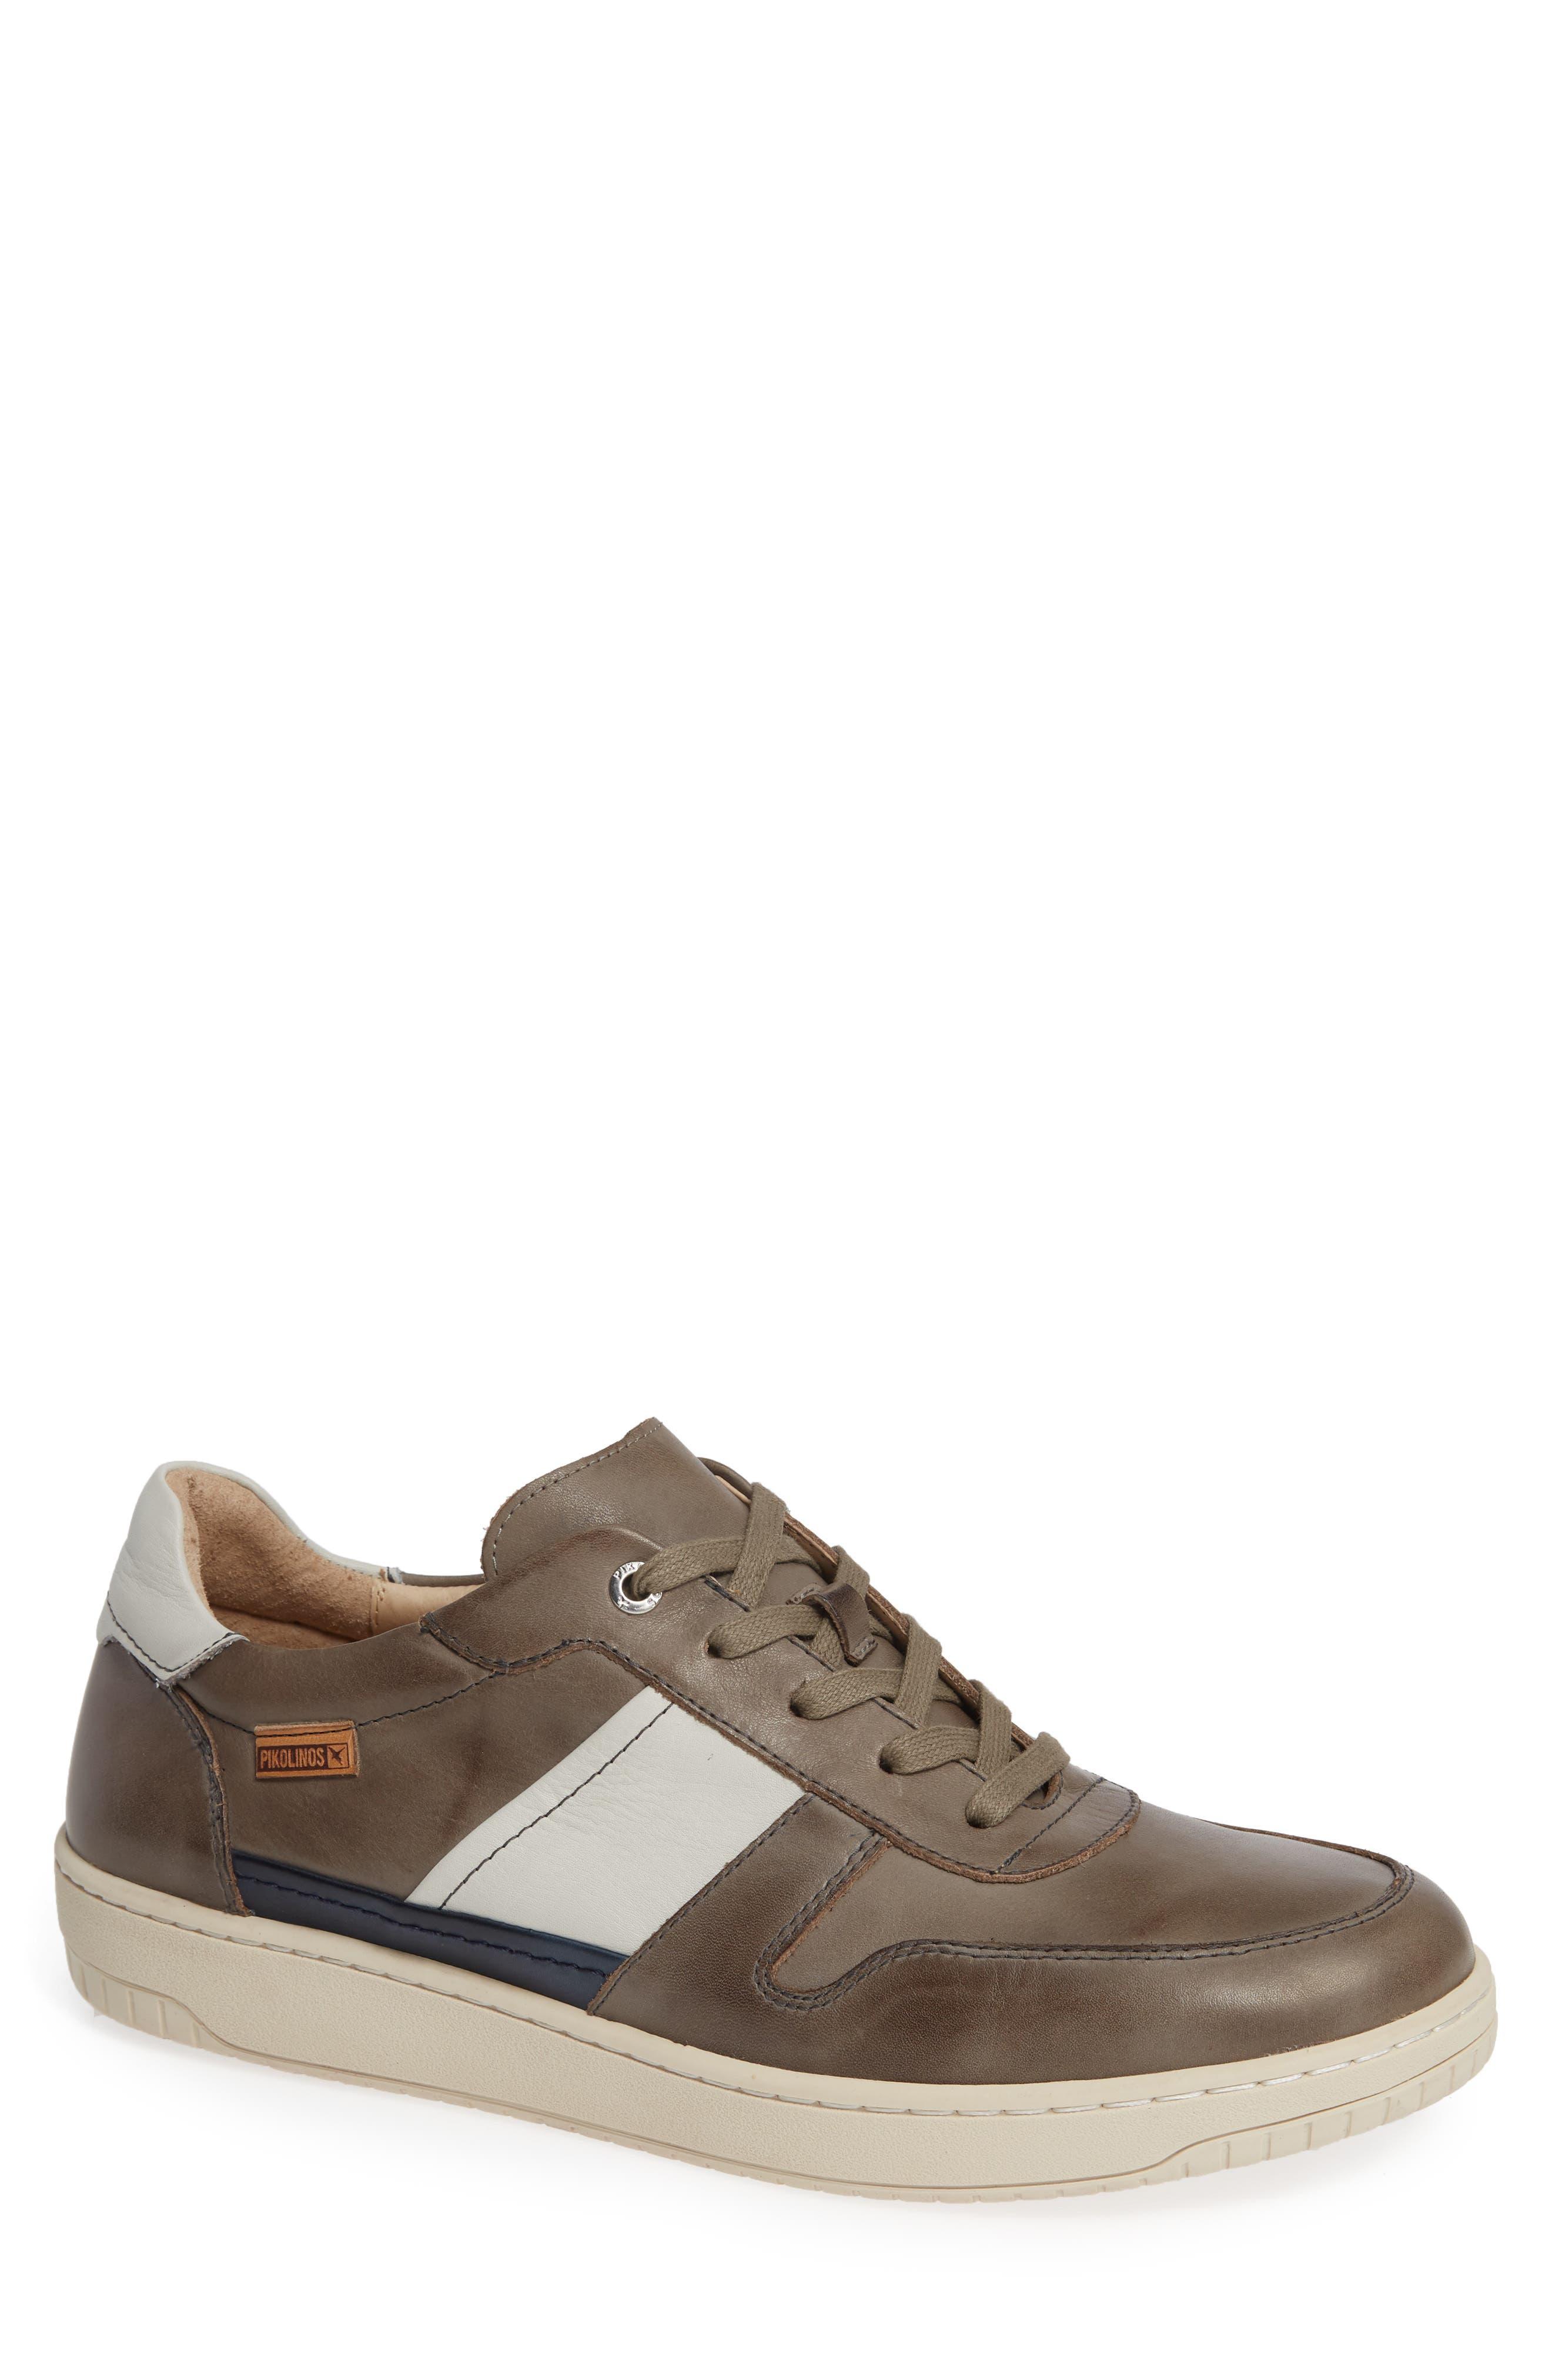 Corinto Sneaker, Main, color, 021